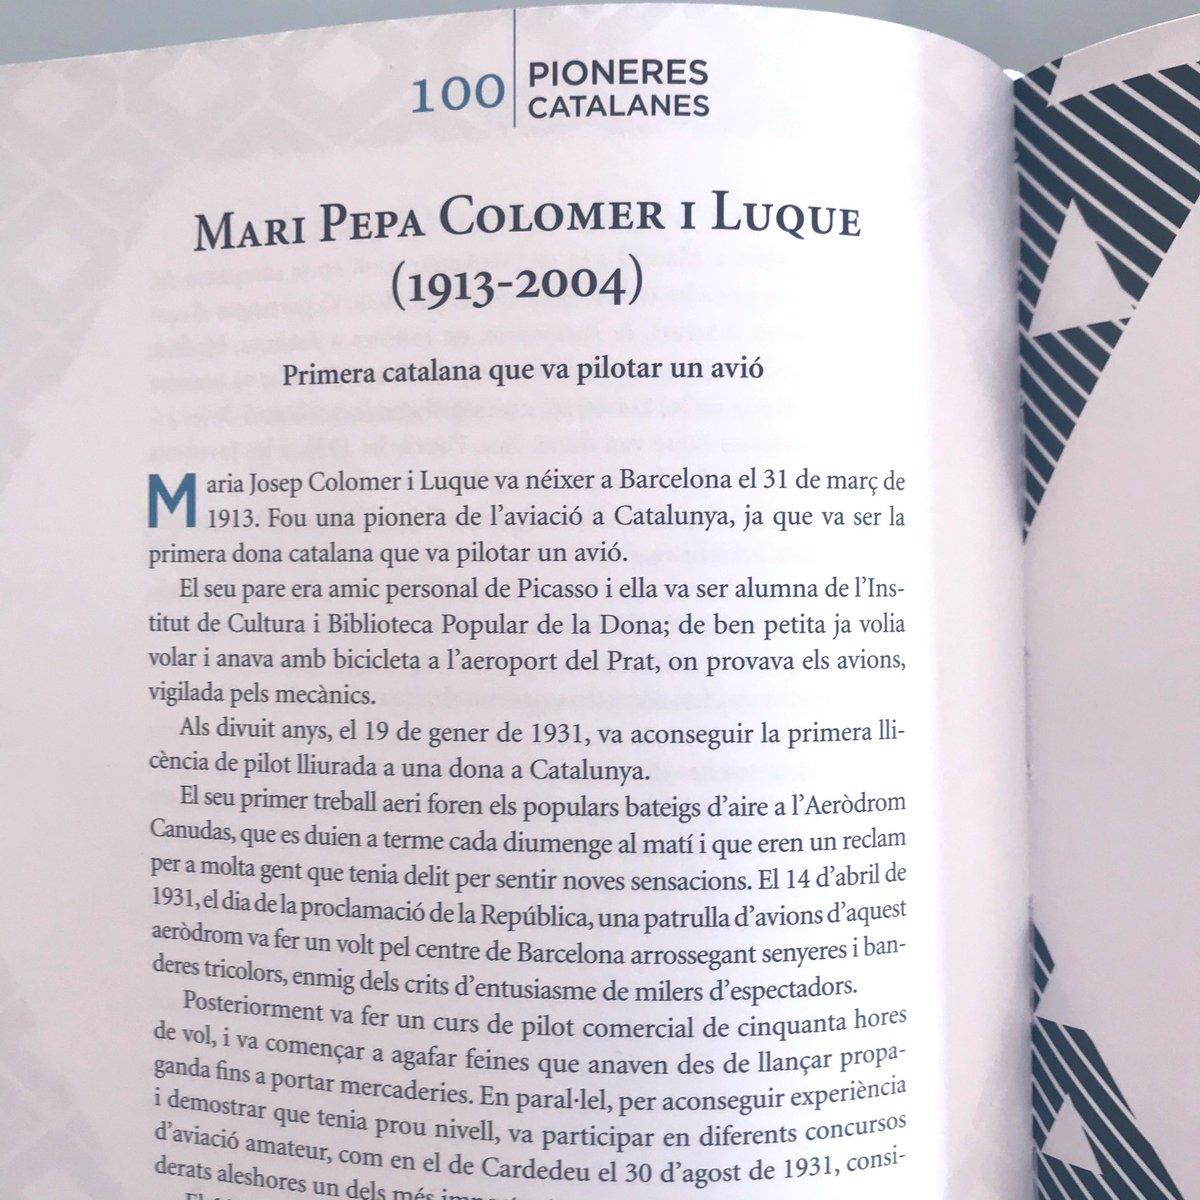 """Tal dia com aui va morir Mari Pepa Colomer, la primera catalana que va pilotar un avió.  Aquesta és una de les pioneres que trobareu a """"100 pioneres catalanes"""". ✨✈️ https://t.co/L4umMNH6Je https://t.co/MCFaNEEZwQ"""